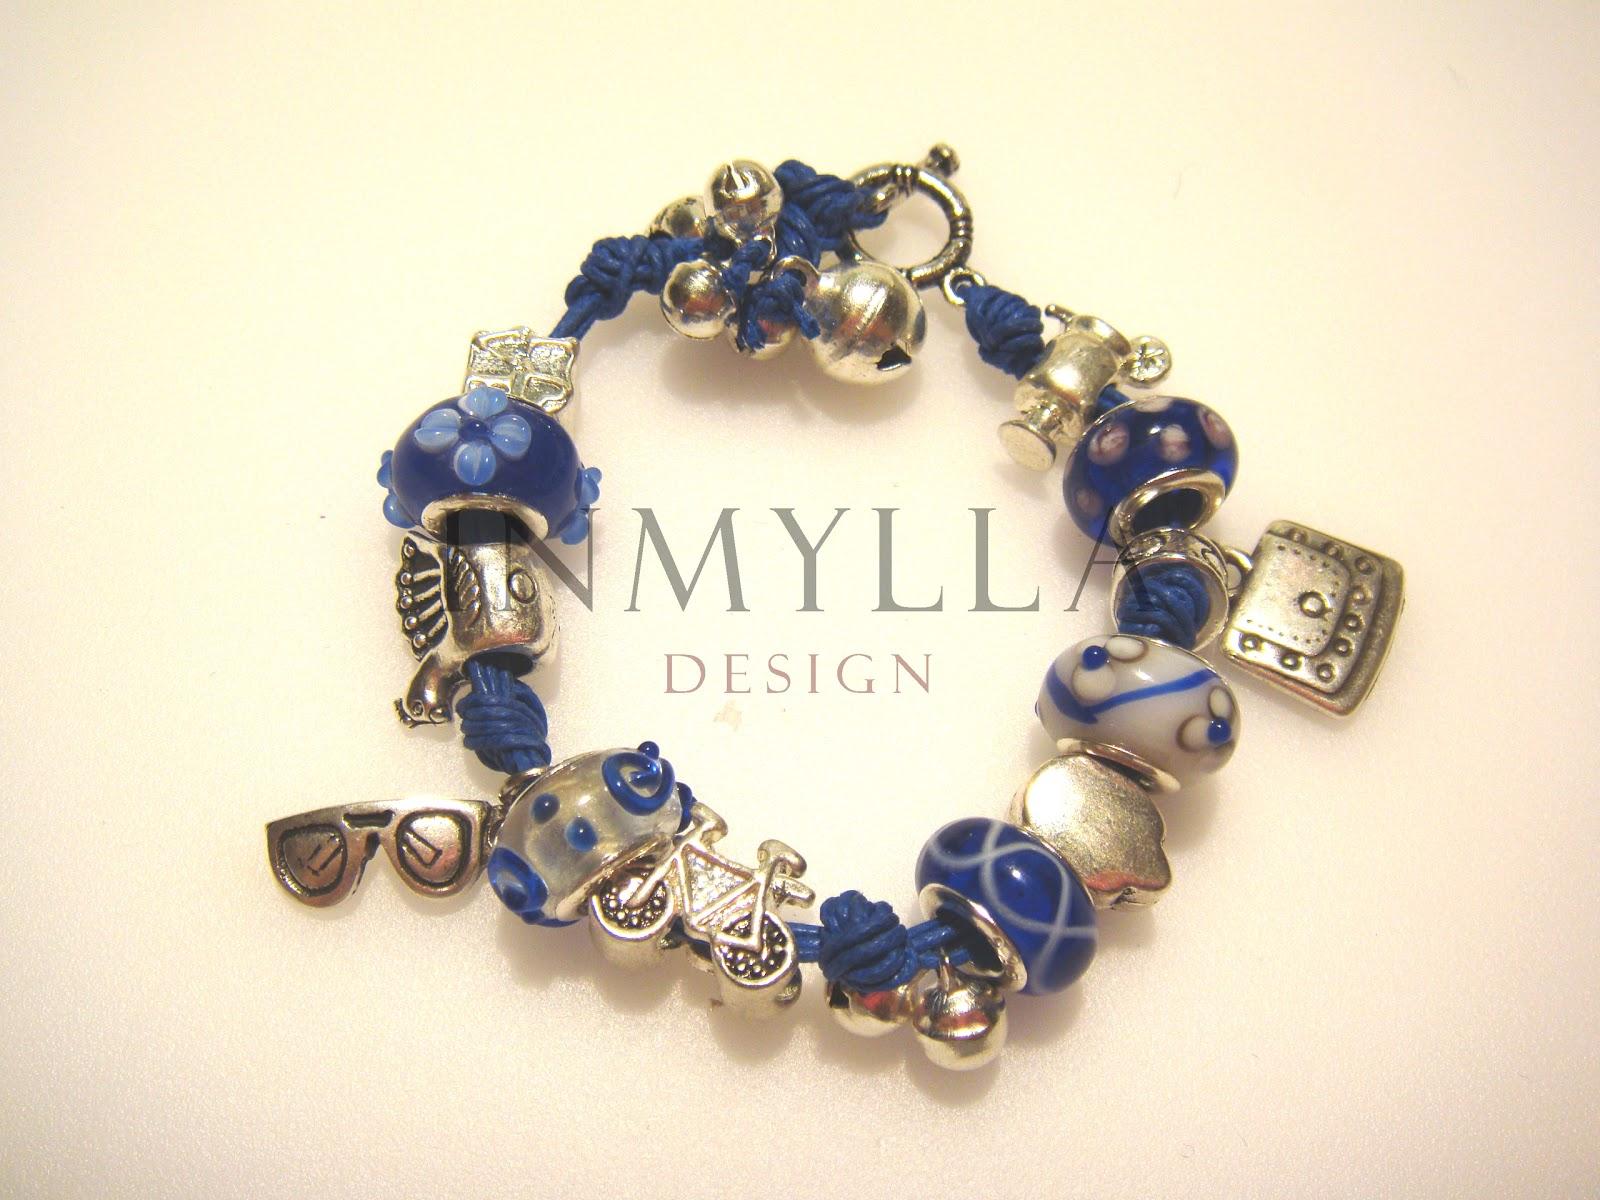 Inmylla design pulsera de colgantes tipo pandora azul for Tipos de pulseras